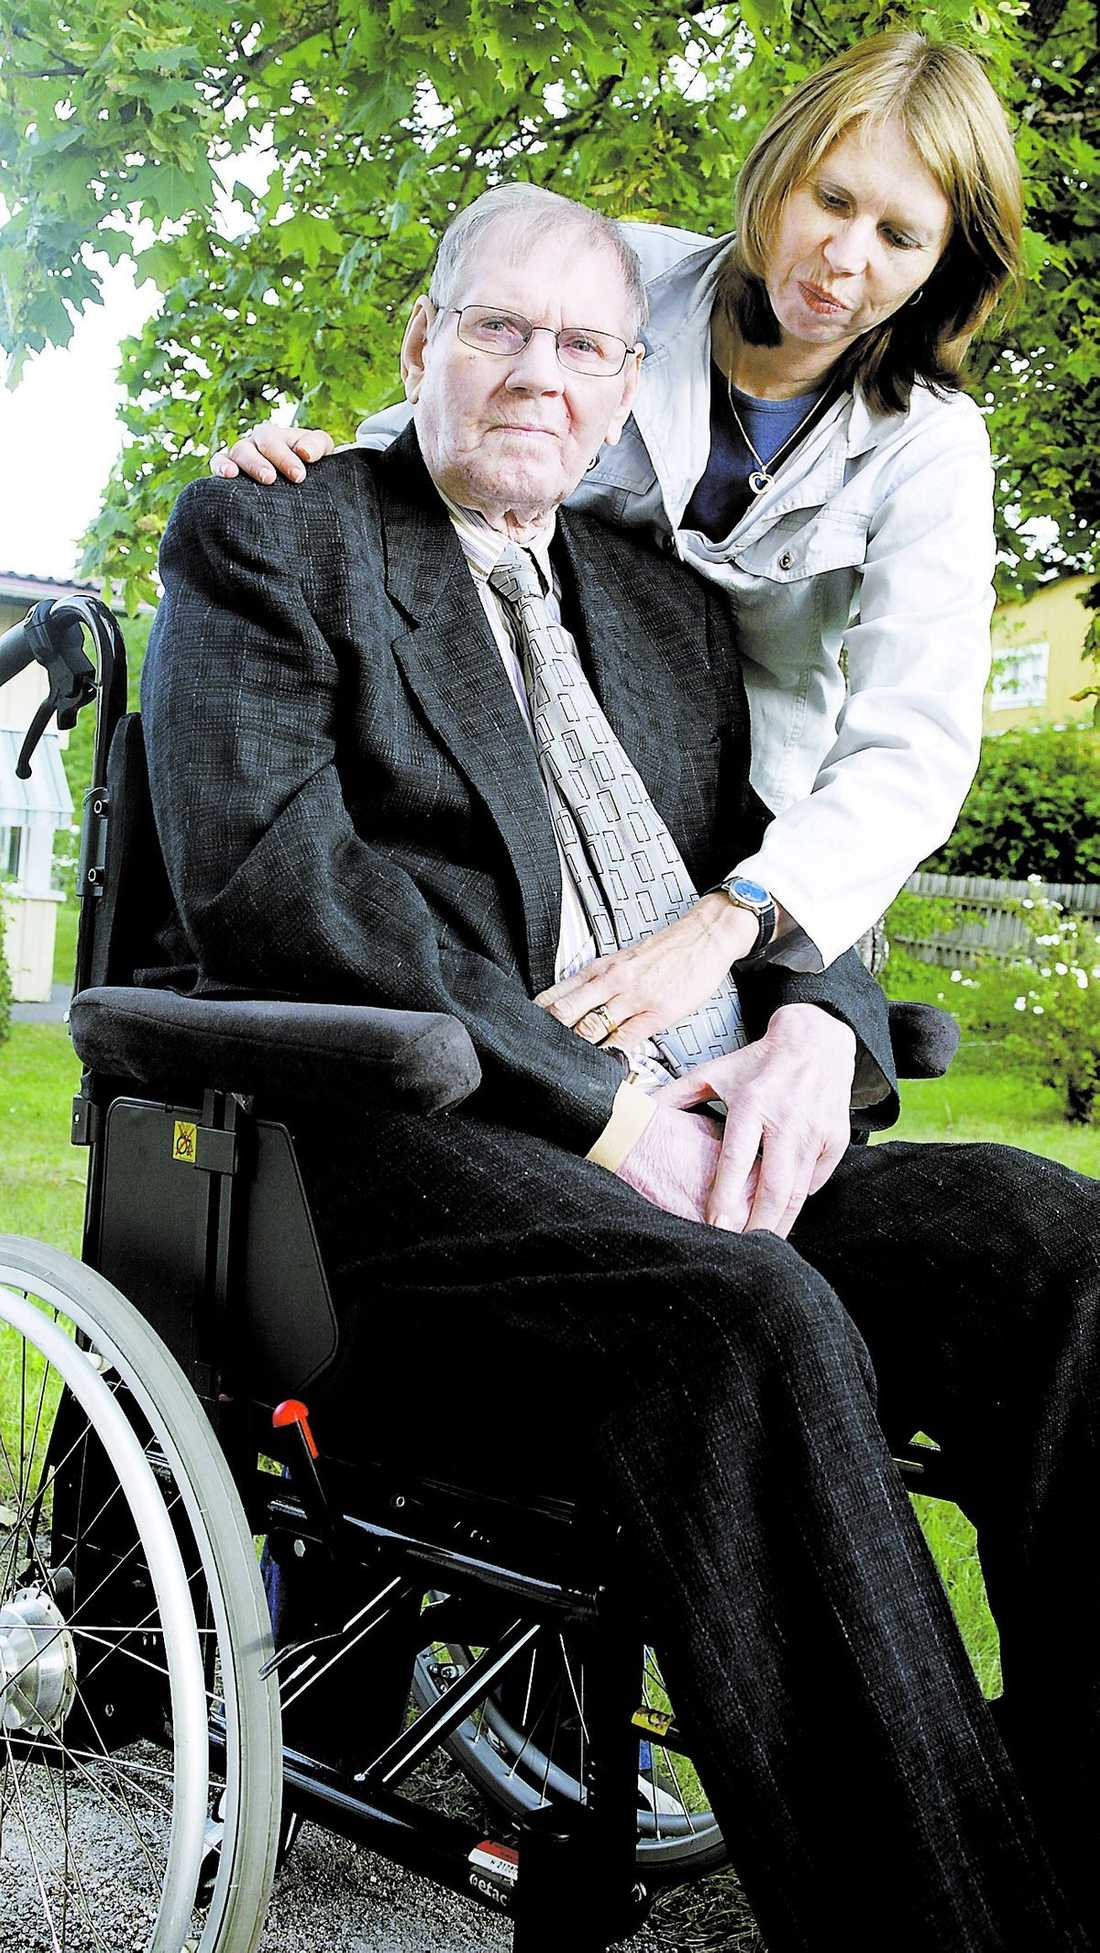 """Sorgligt Bertil Tinglöf, 78, skulle till Hammarby kyrka men kördes till Hammarby Sjöstad. """"Det är mycket sorgligt att detta händer. Min pappa har alltid varit punktlig och den här begravningen betydde mycket"""", säger dottern Kristina Tinglöf, 46."""